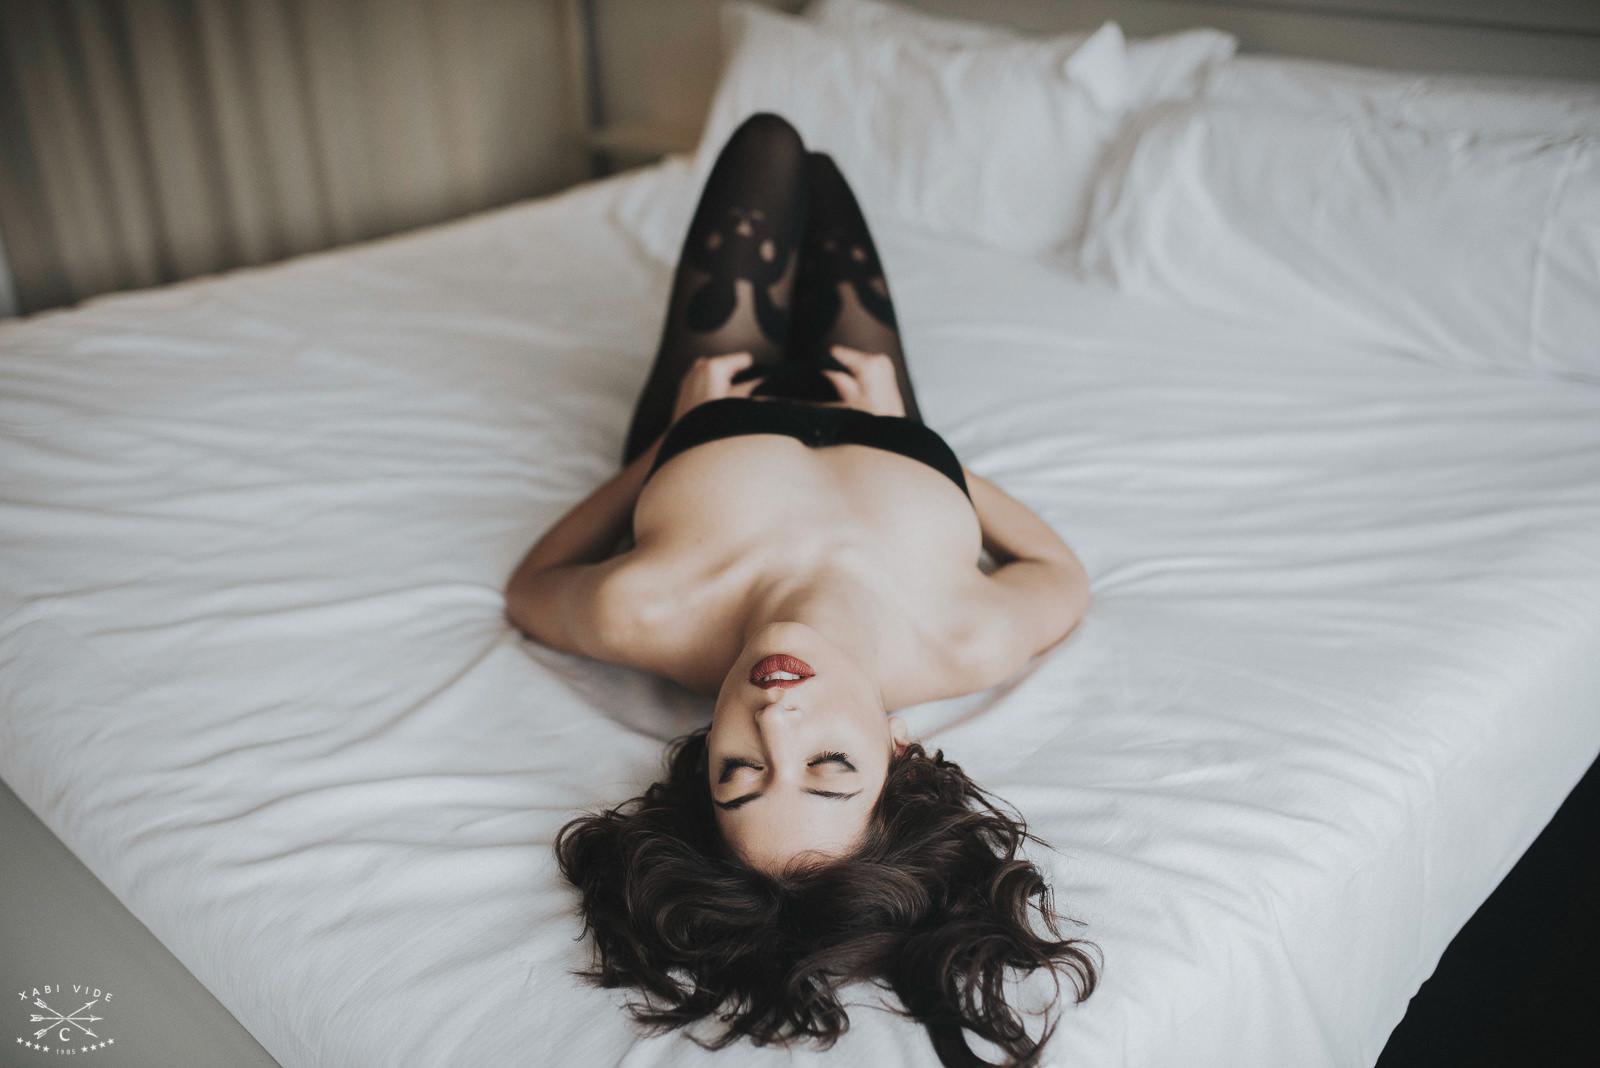 oihane_boudoir_xabivide-26